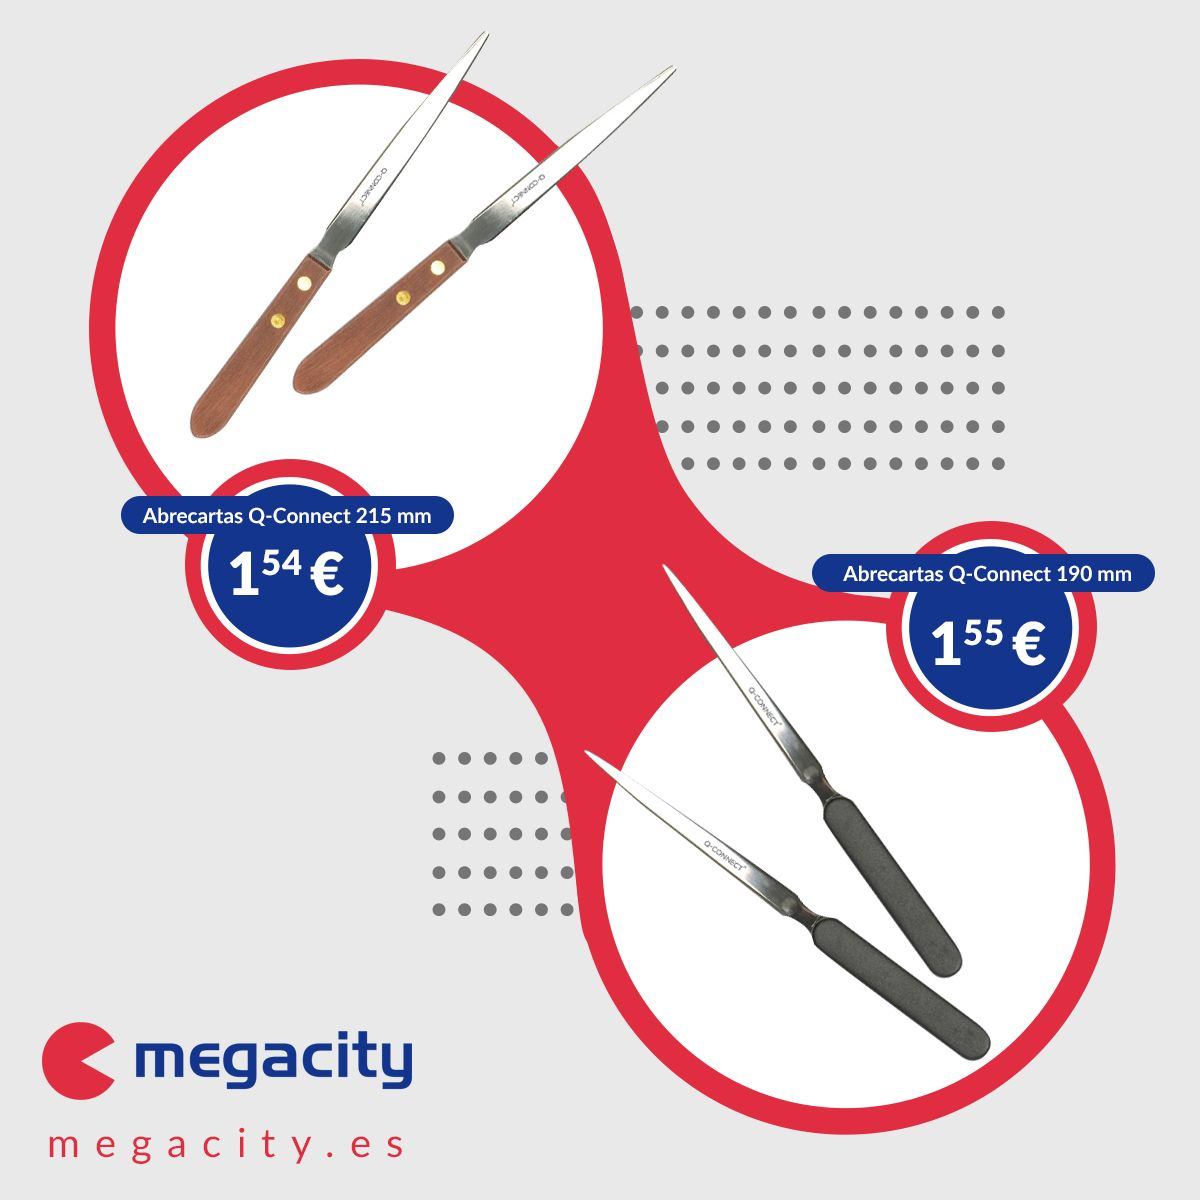 Descubrir los diferentes usos de los abrecartas de Megacity